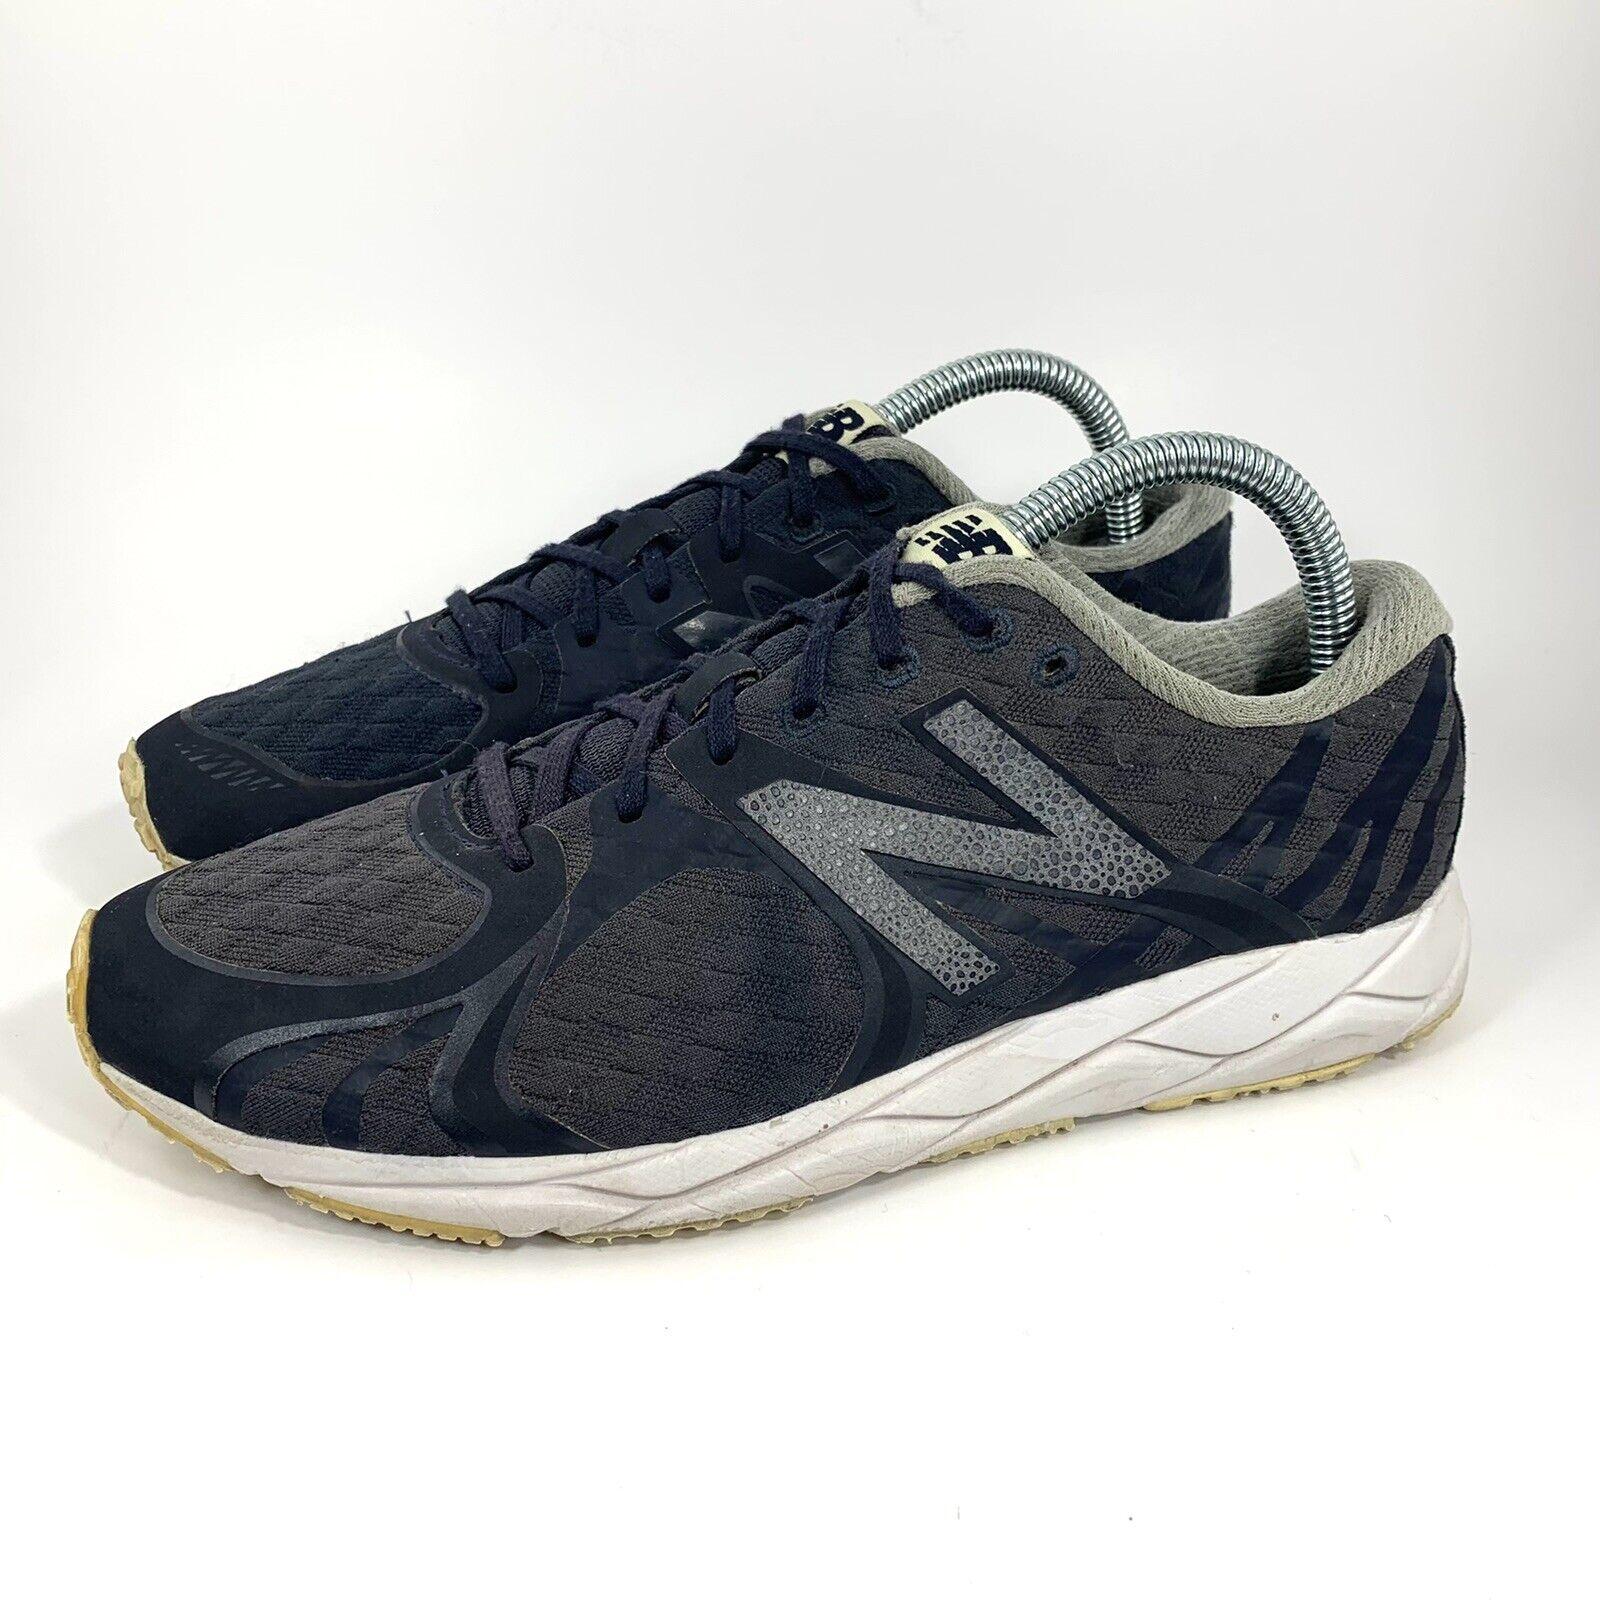 New Balance 1400 Running Shoes Sz 9.5 Womens WL1400SC… - Gem